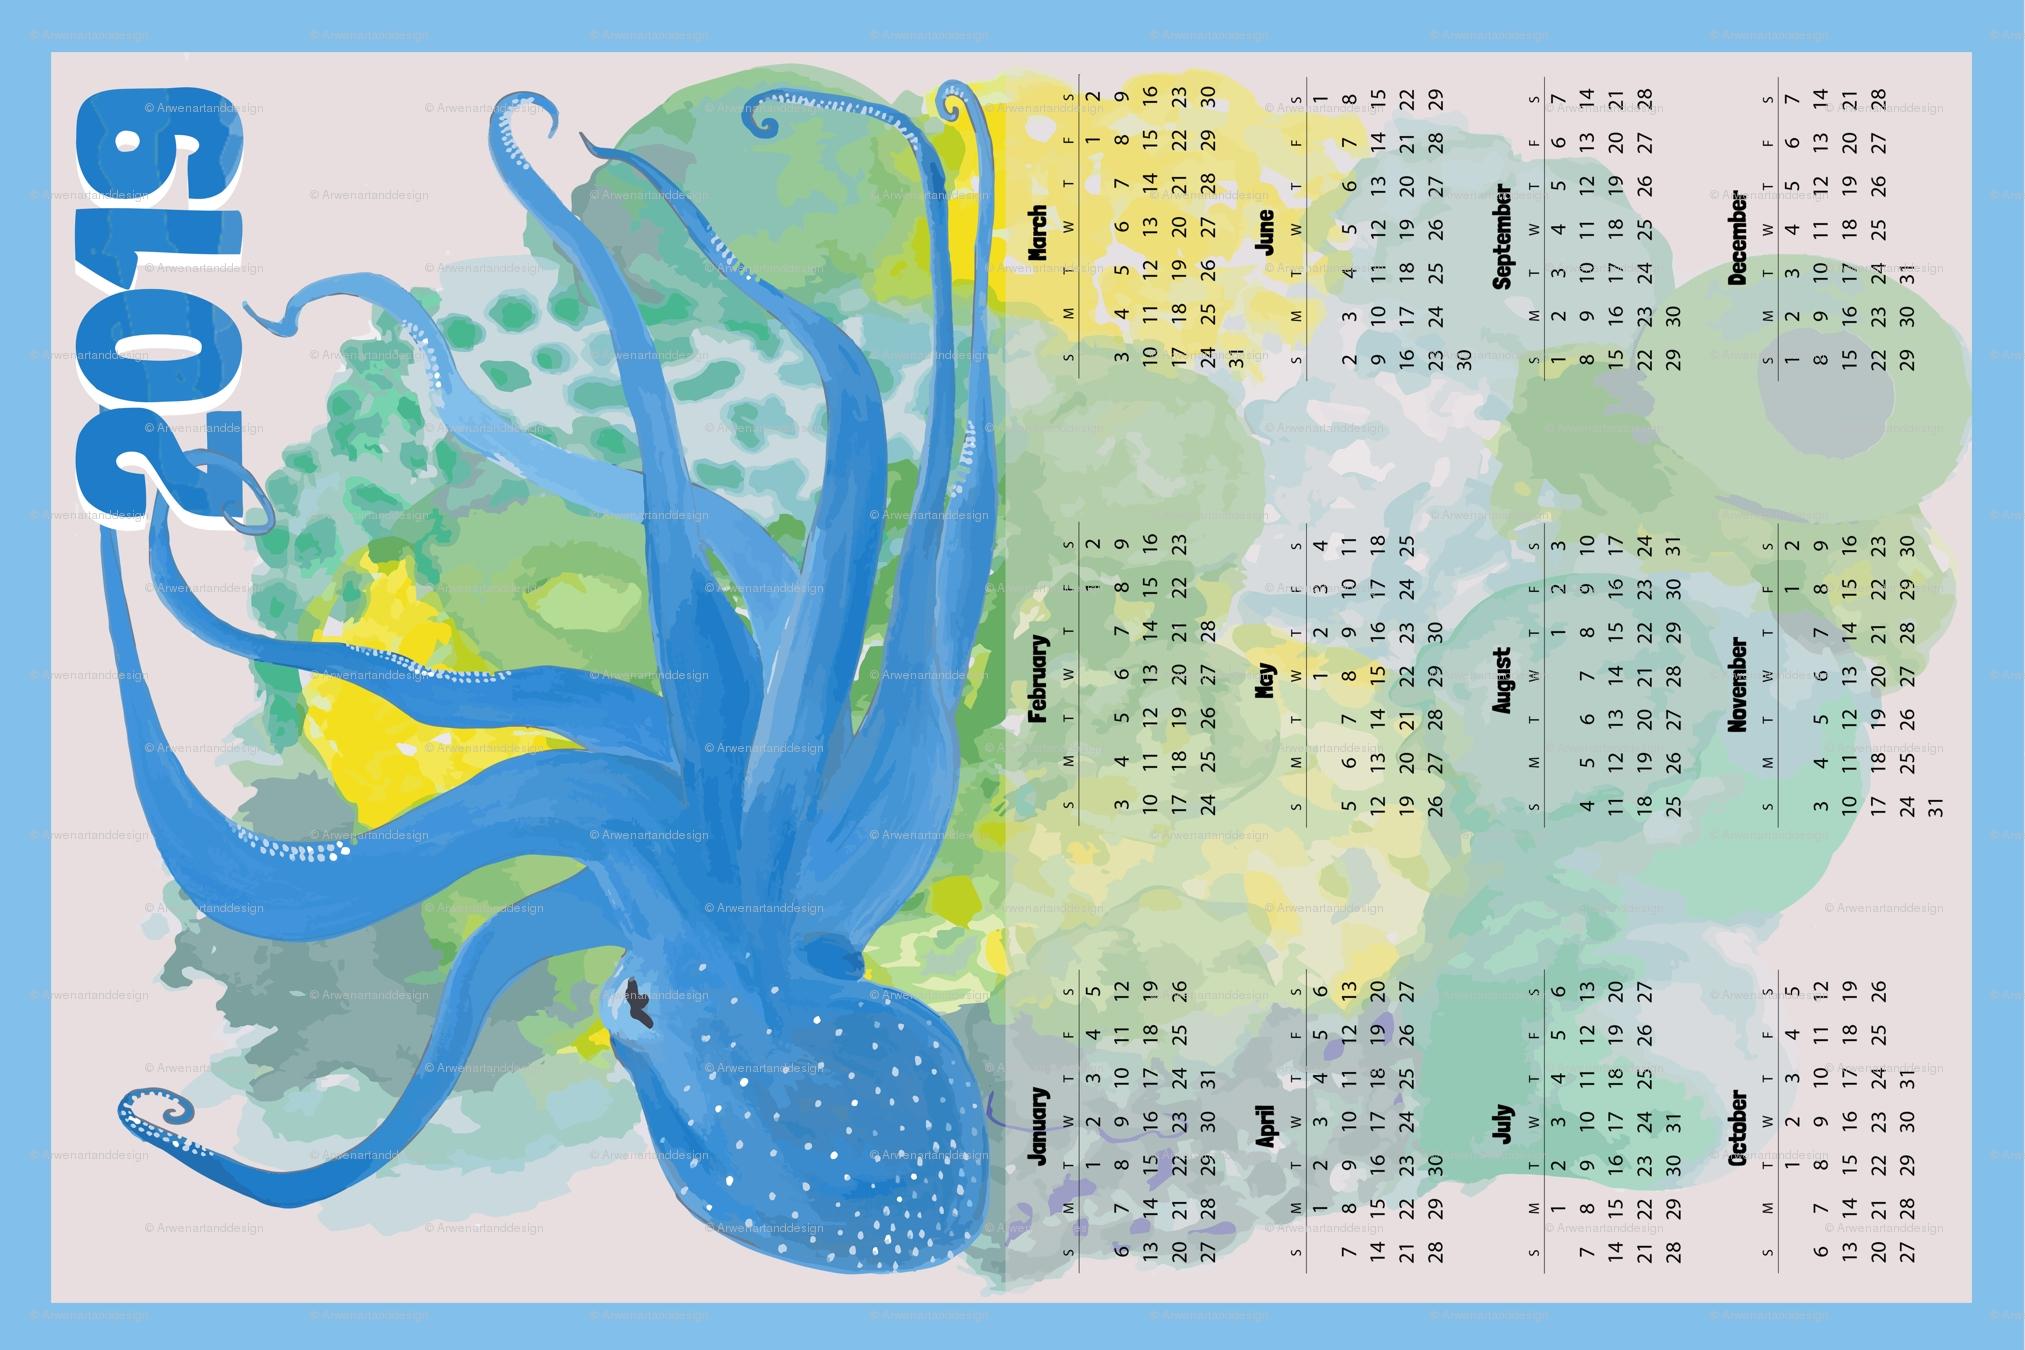 Blue Octopus' Garden Calendar 2019 - Vertical Wallpaper Calendar 2019 Octopus